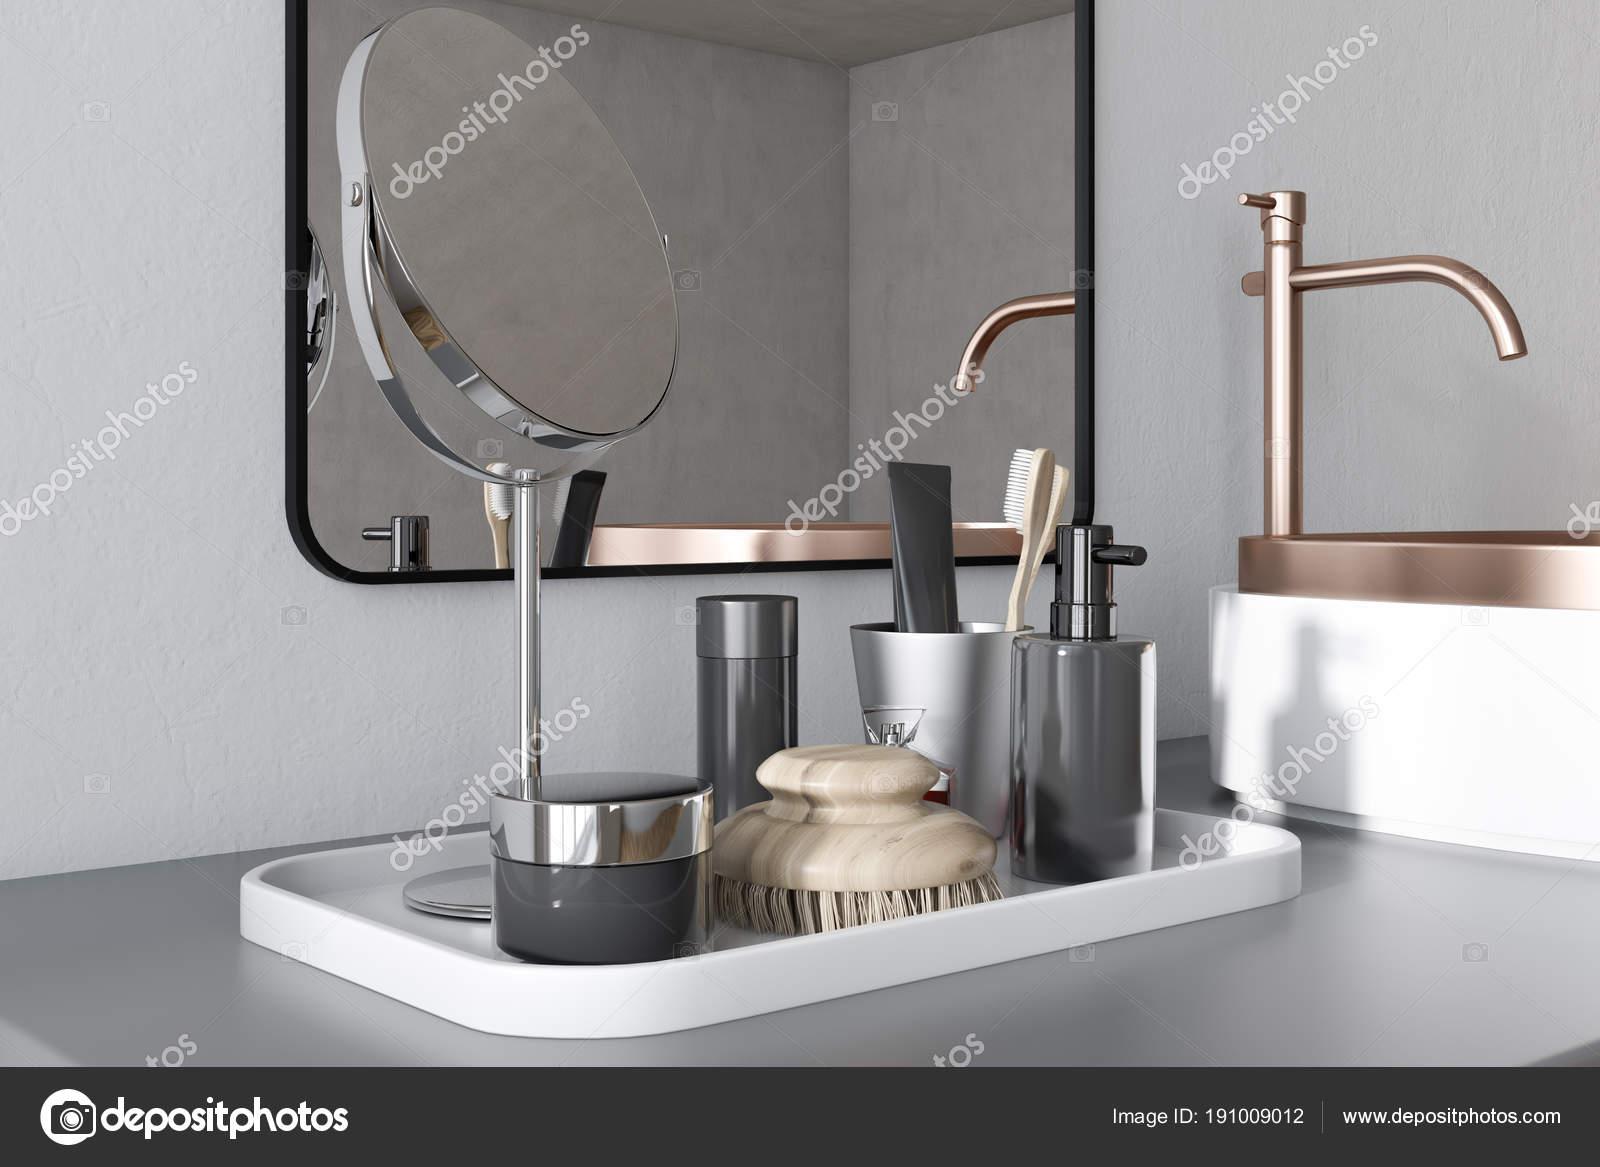 Witte badkamer wastafel bocht u2014 stockfoto © denisismagilov #191009012